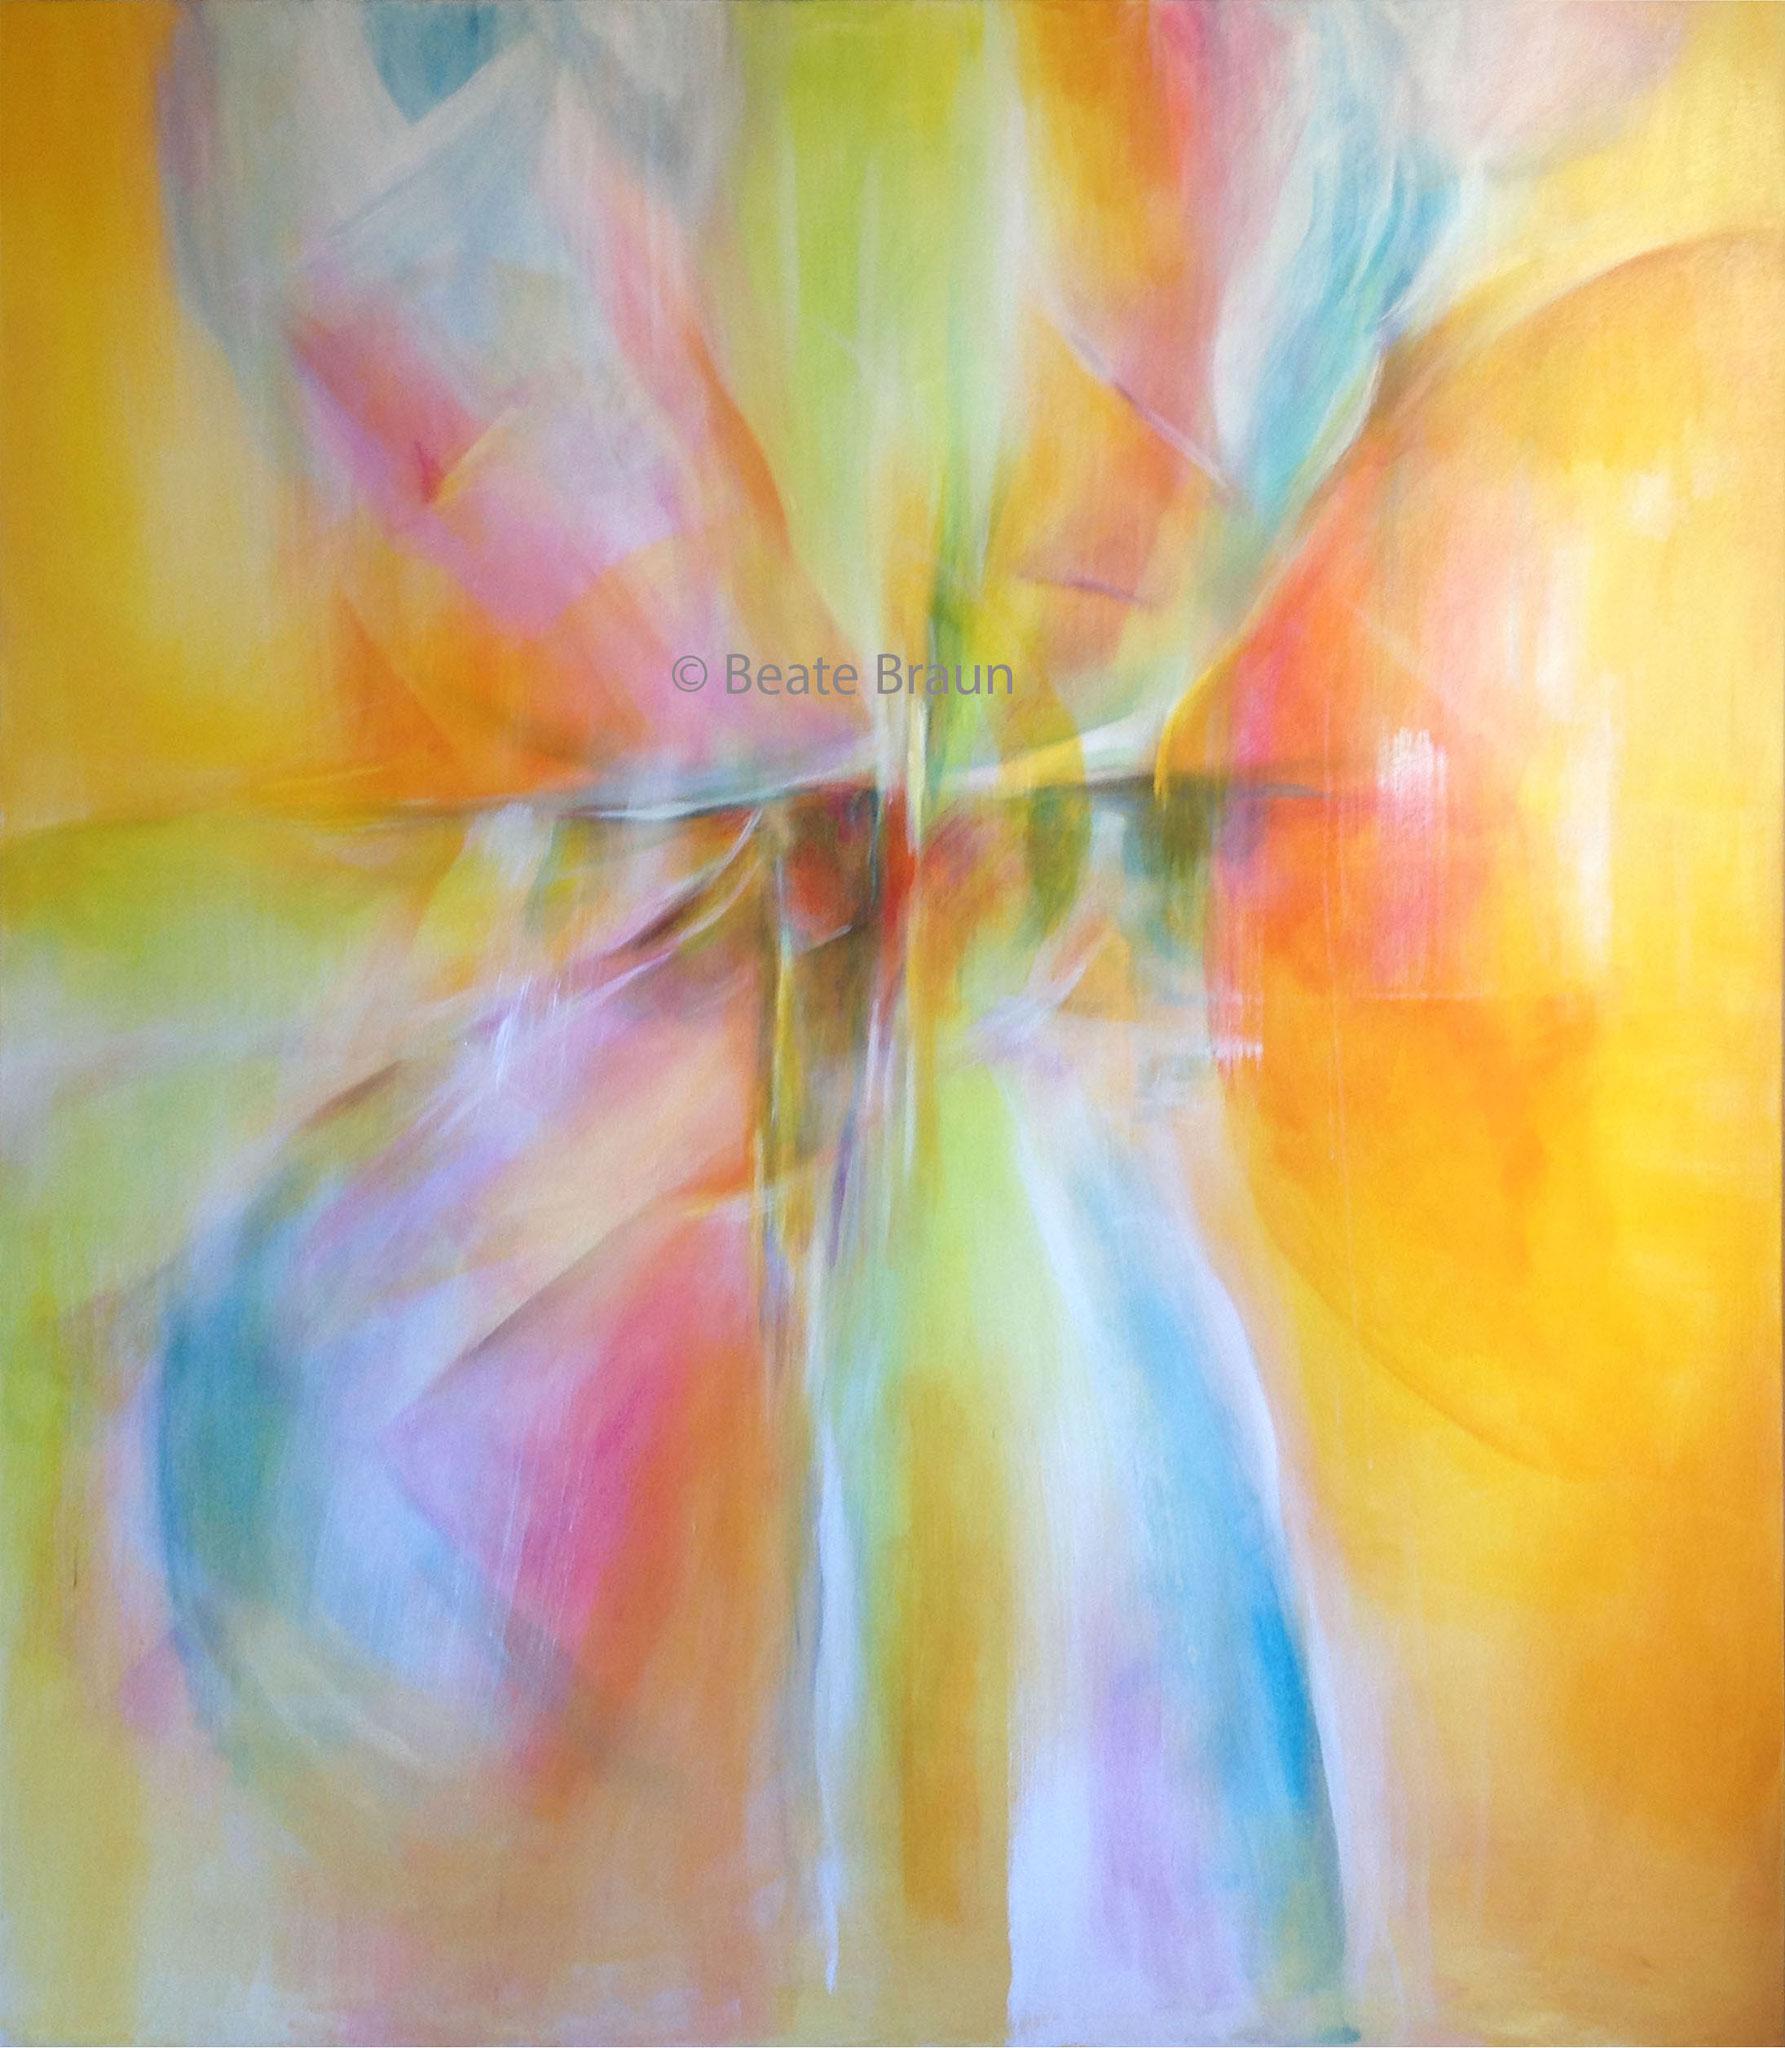 Große Symphonie  |  160 x 200cm  |  Acryl auf Leinwand | 2017